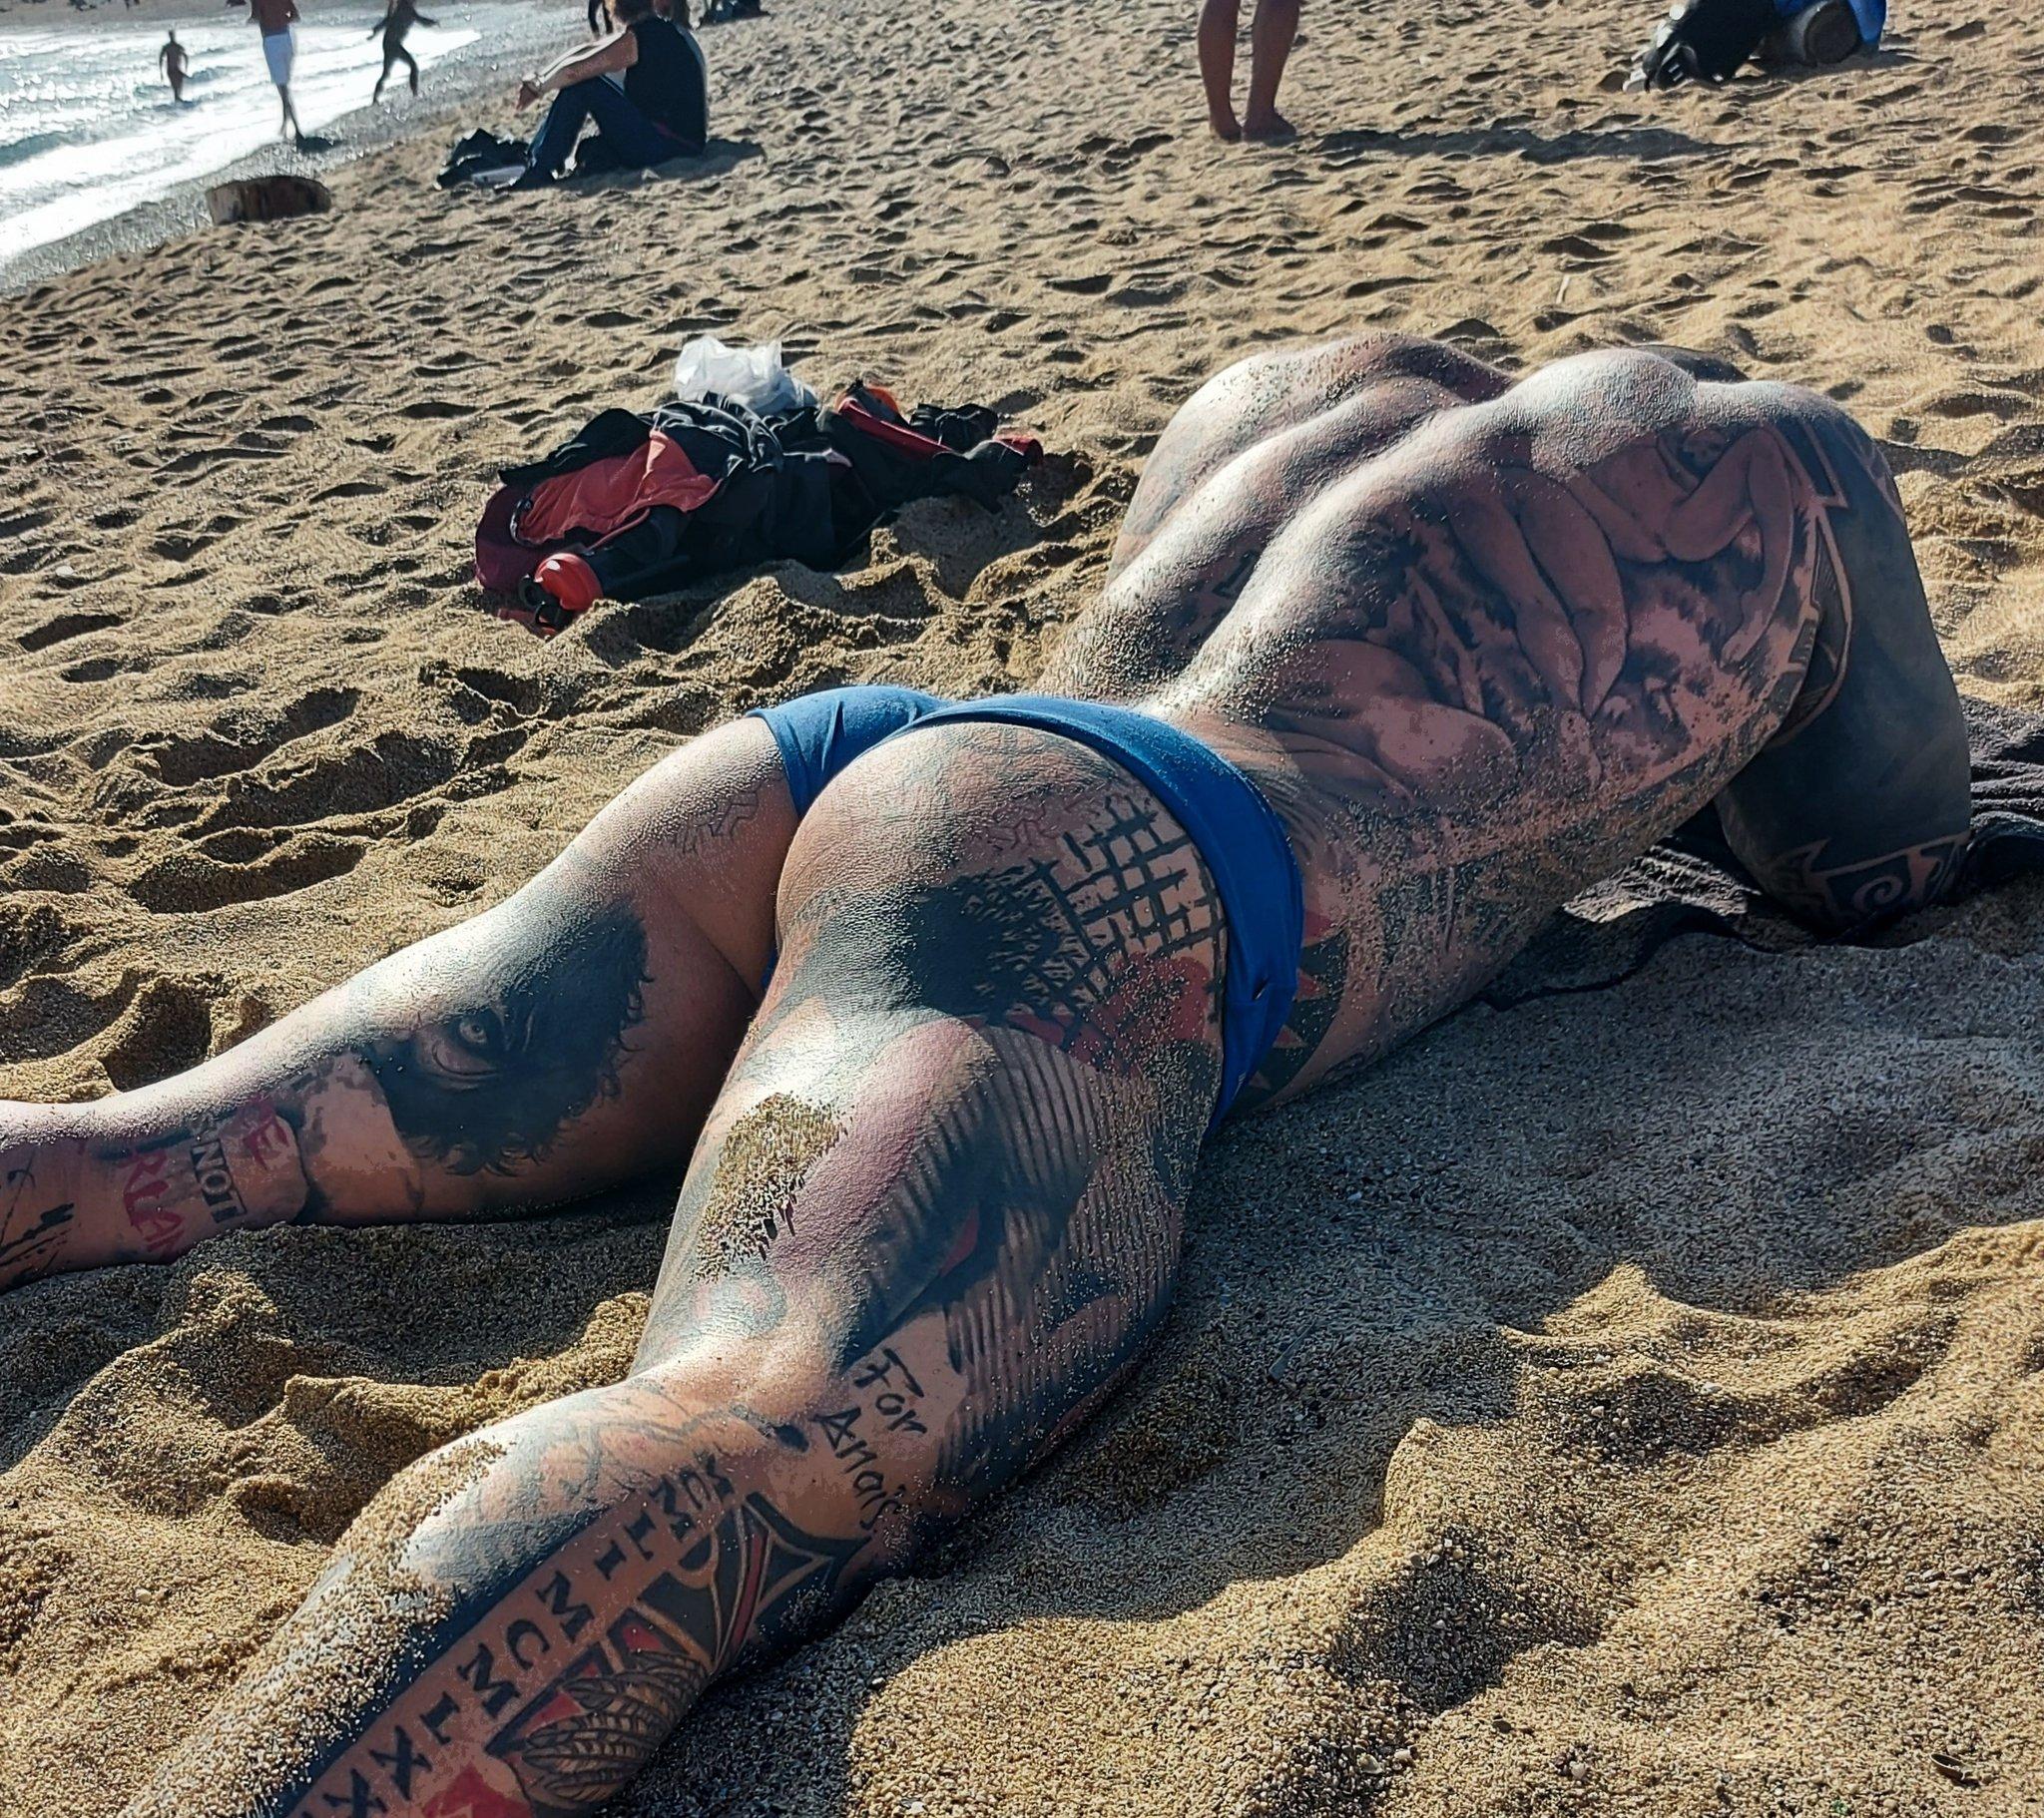 actor porno rob en la playa